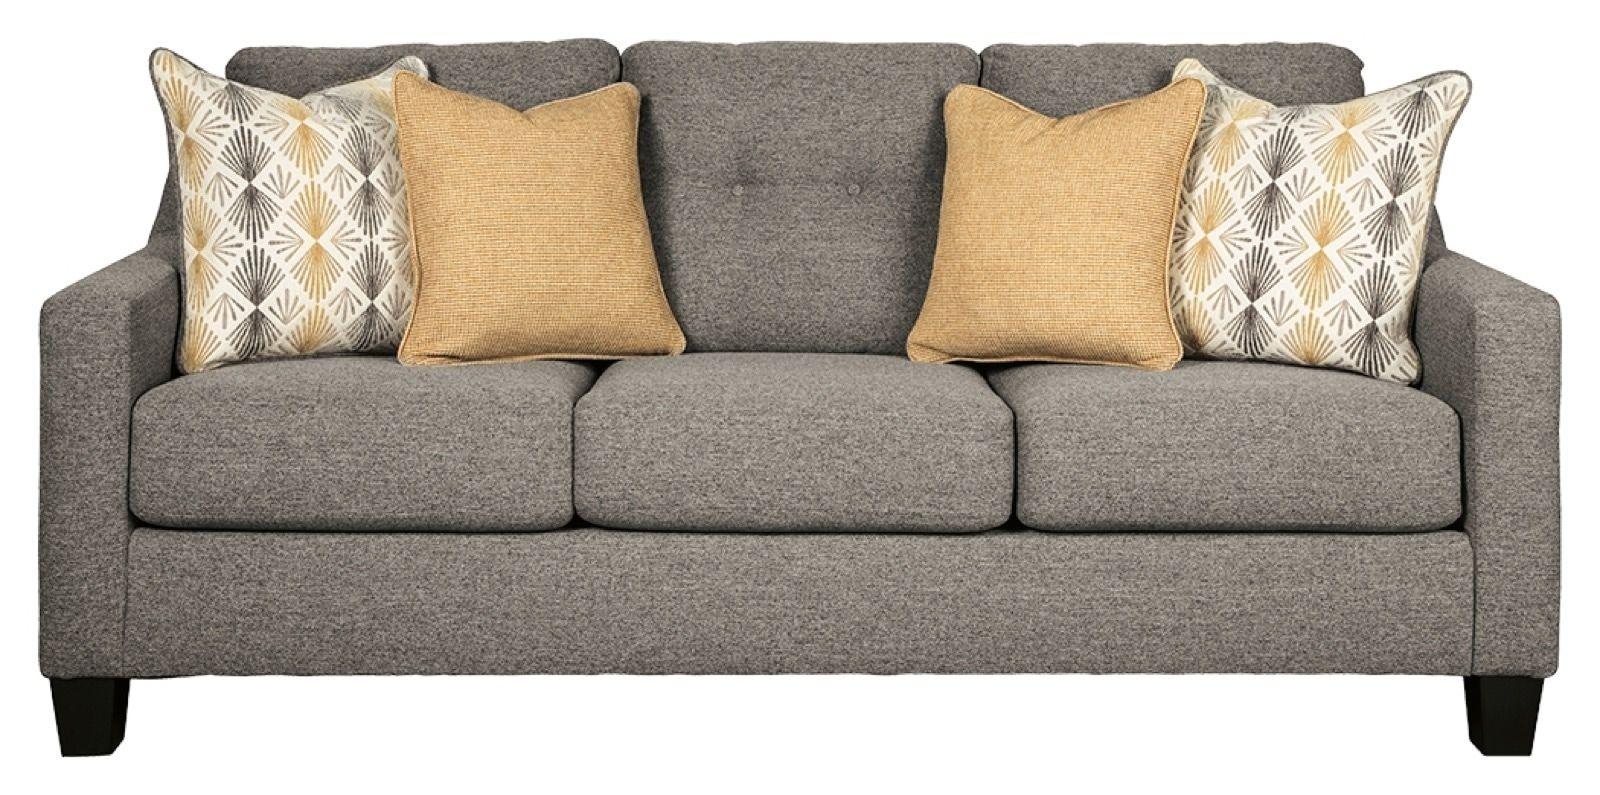 Benchcraft Daylon Graphite Queen Sofa